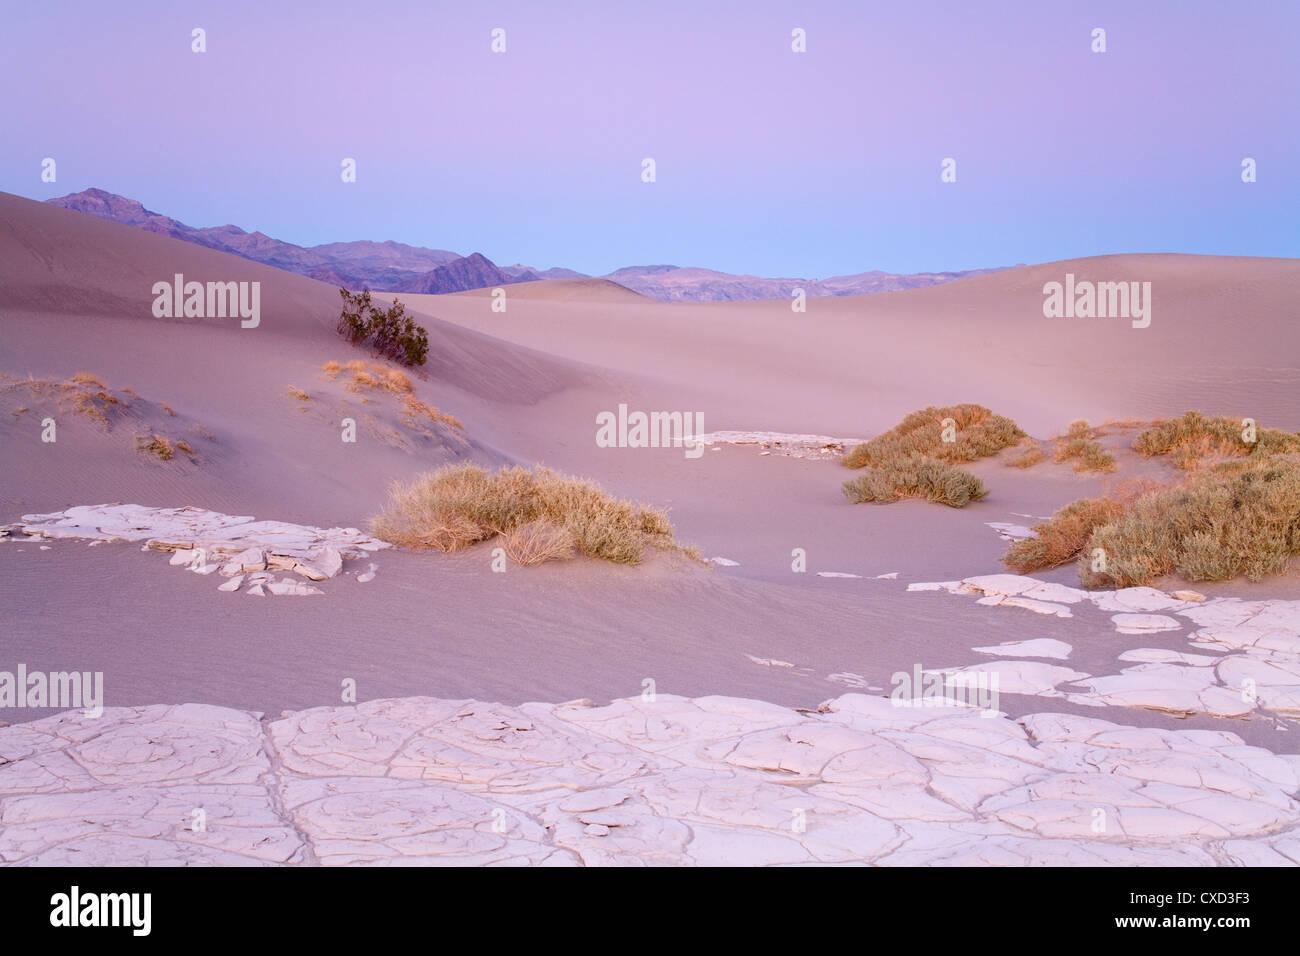 La boue séchée dans la télévision Mesquite Sand Dunes, Death Valley National Park, California, États-Unis d'Amérique, Banque D'Images